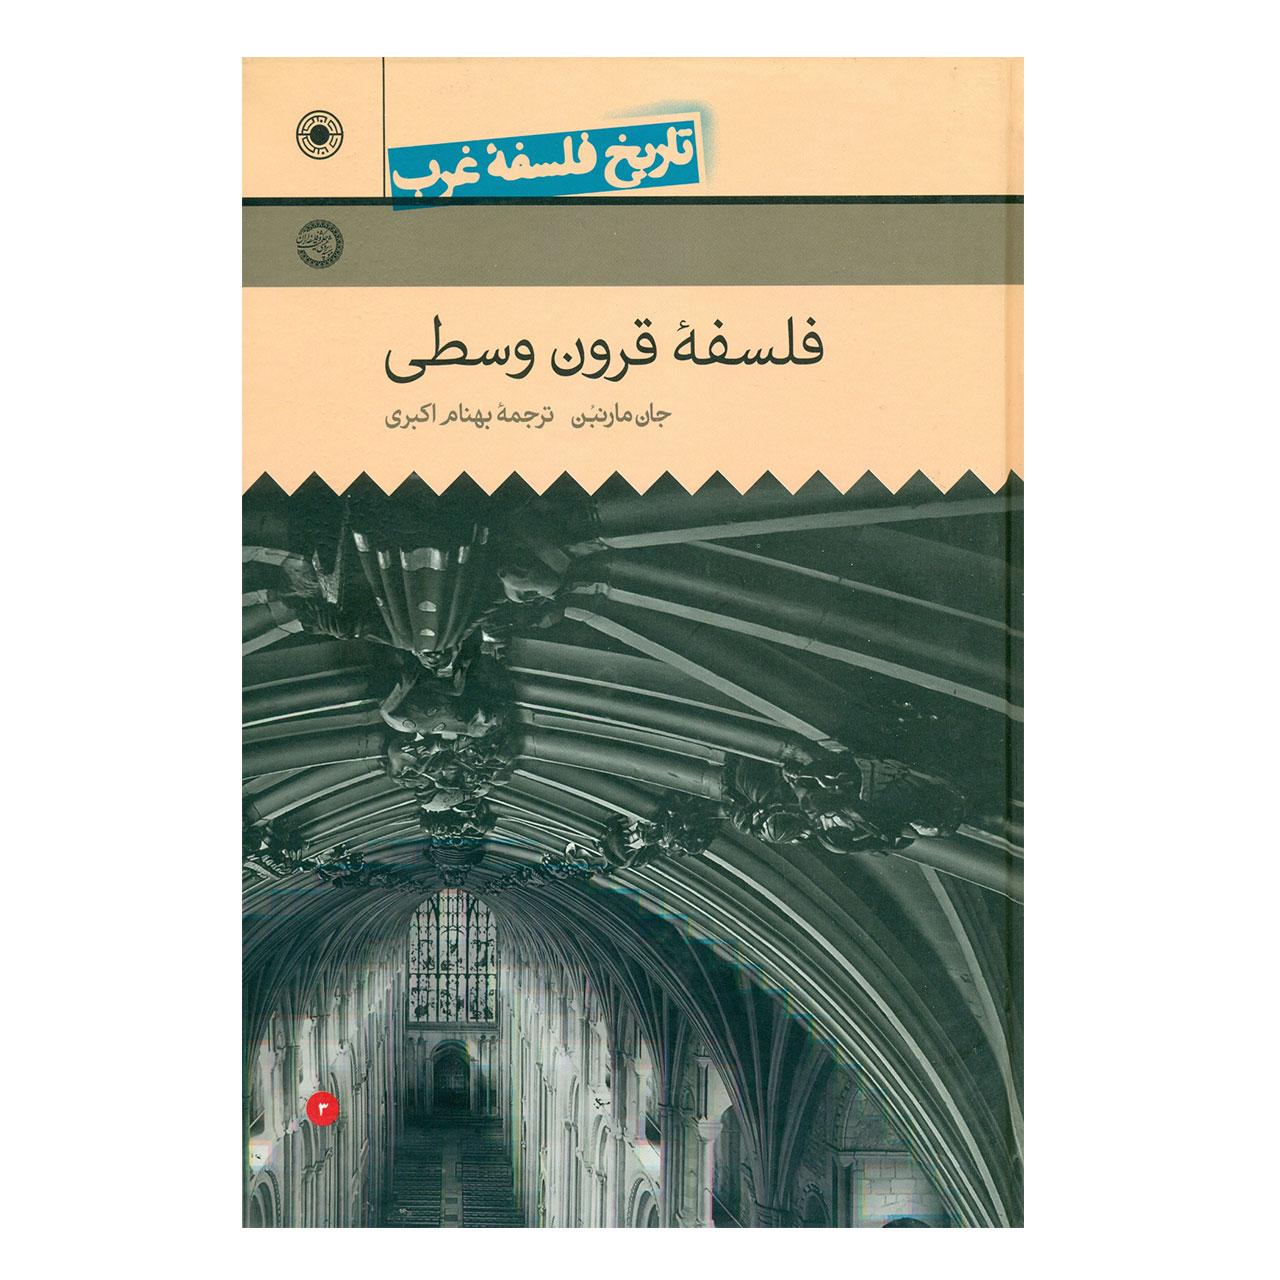 خرید                      کتاب تاریخ فلسفه غرب فلسفه قرون وسطی جلد 3 اثر جان مارن بن